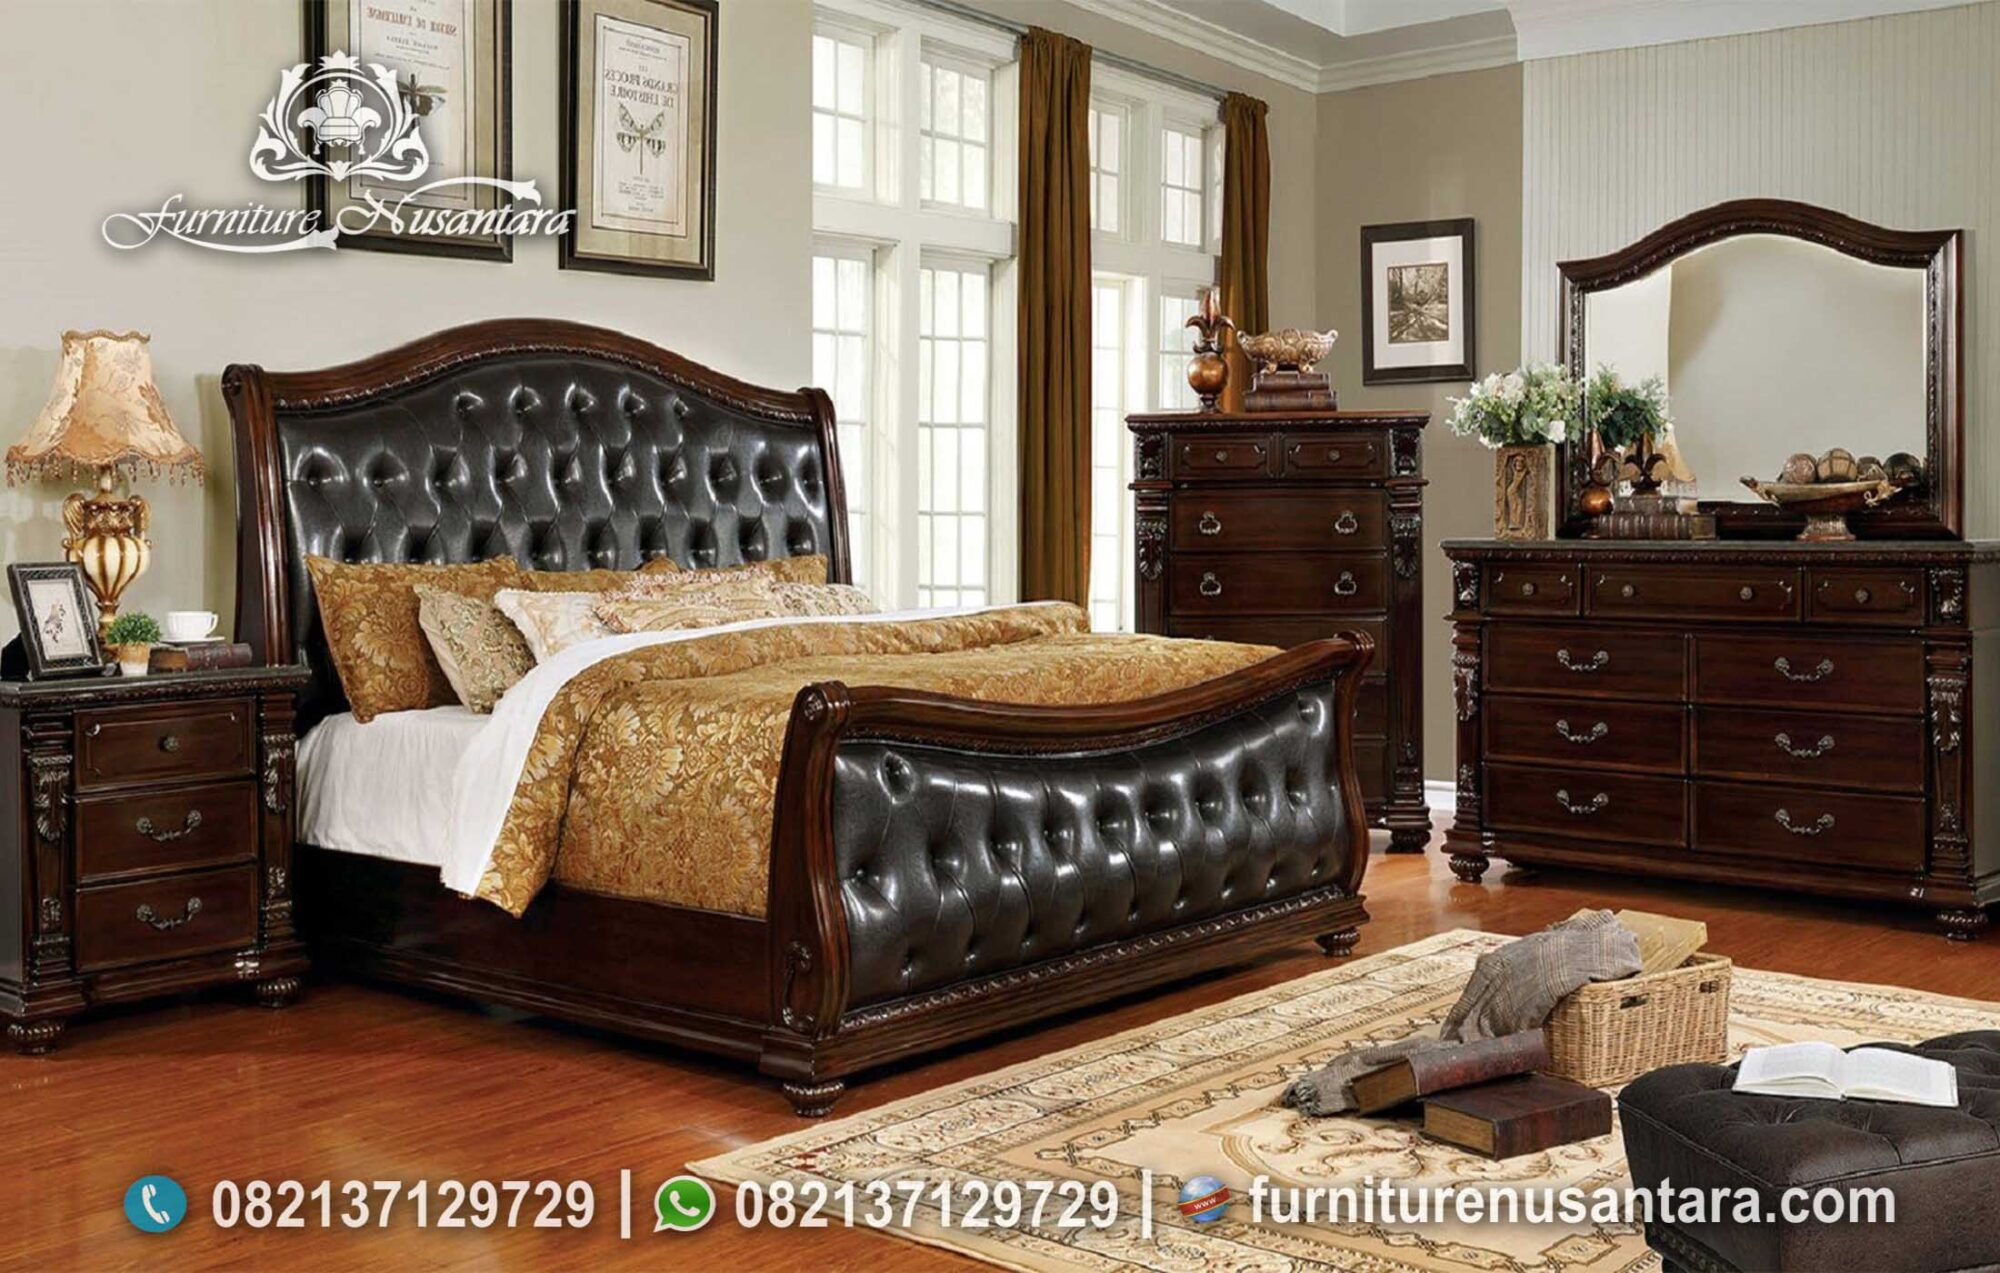 Kamar Tidur Maskulin Brown Wallnut KS-147, Furniture Nusantara